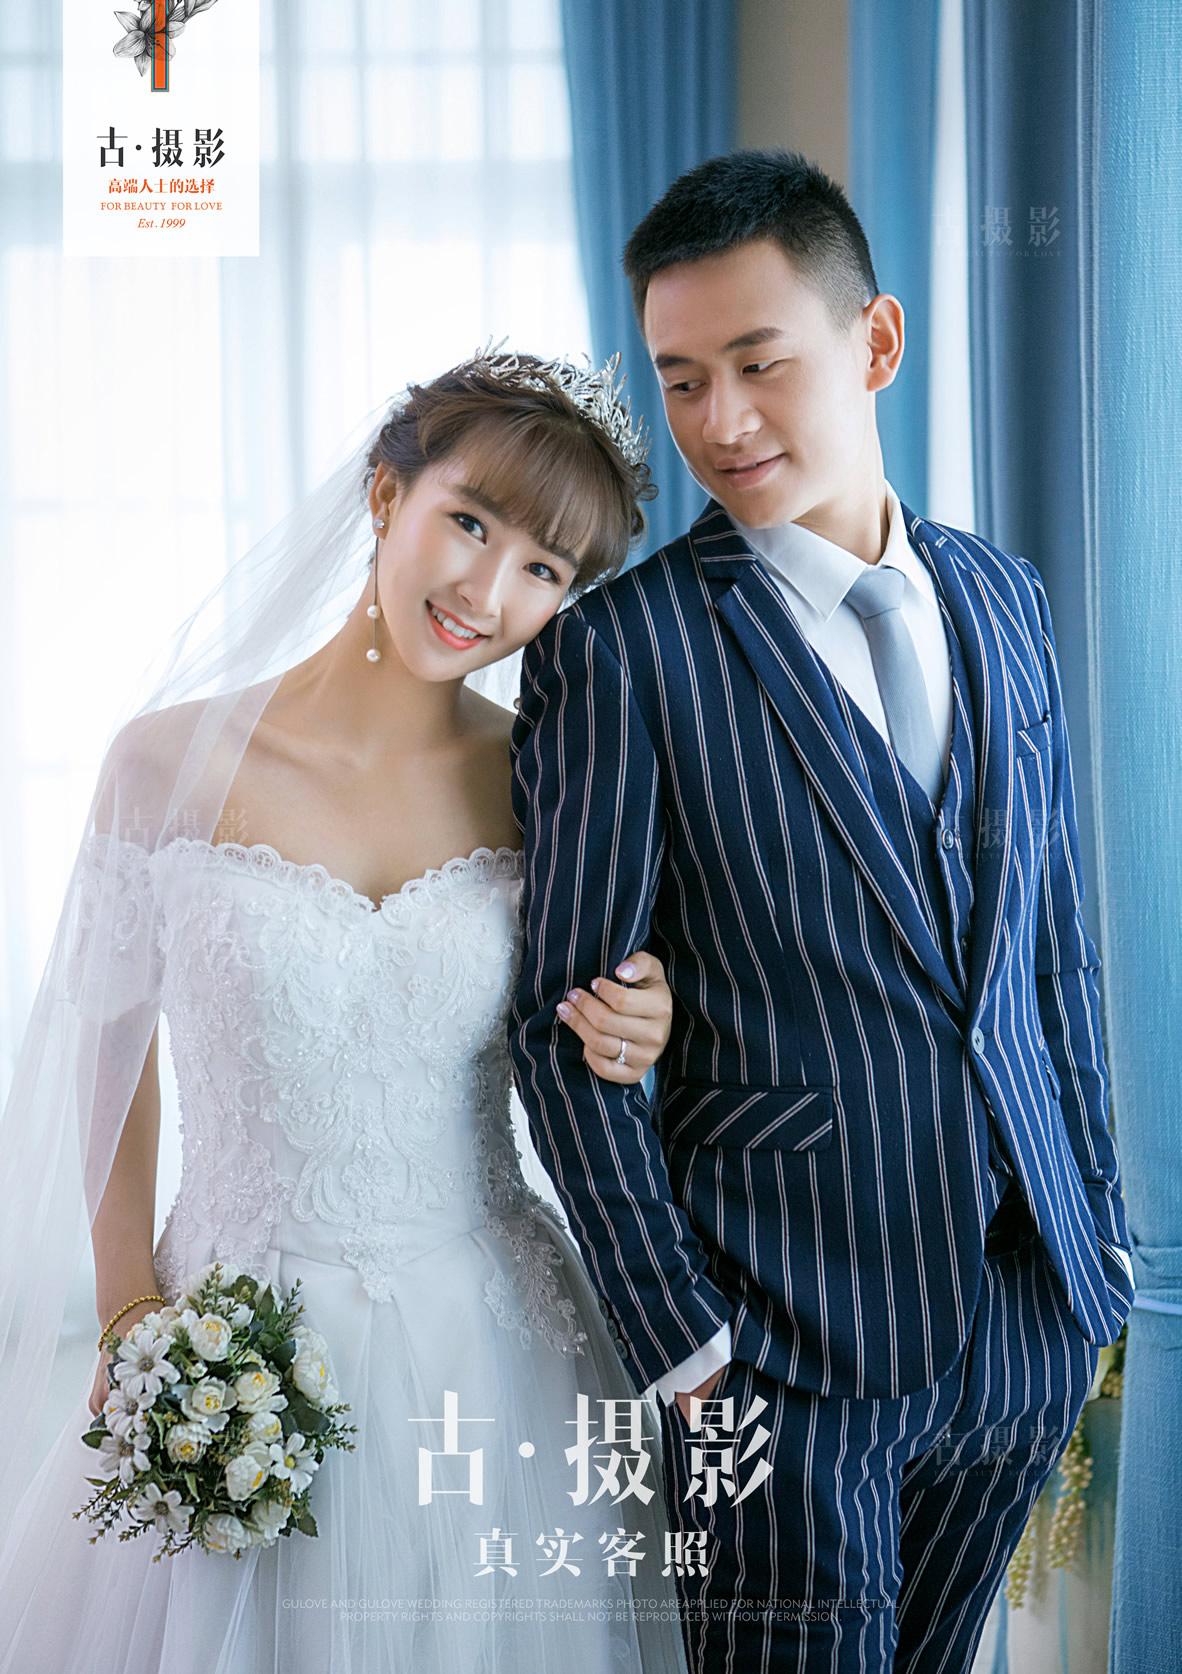 8月17日客片刘先生 王小姐 - 每日客照 - love昆明古摄影-昆明婚纱摄影网